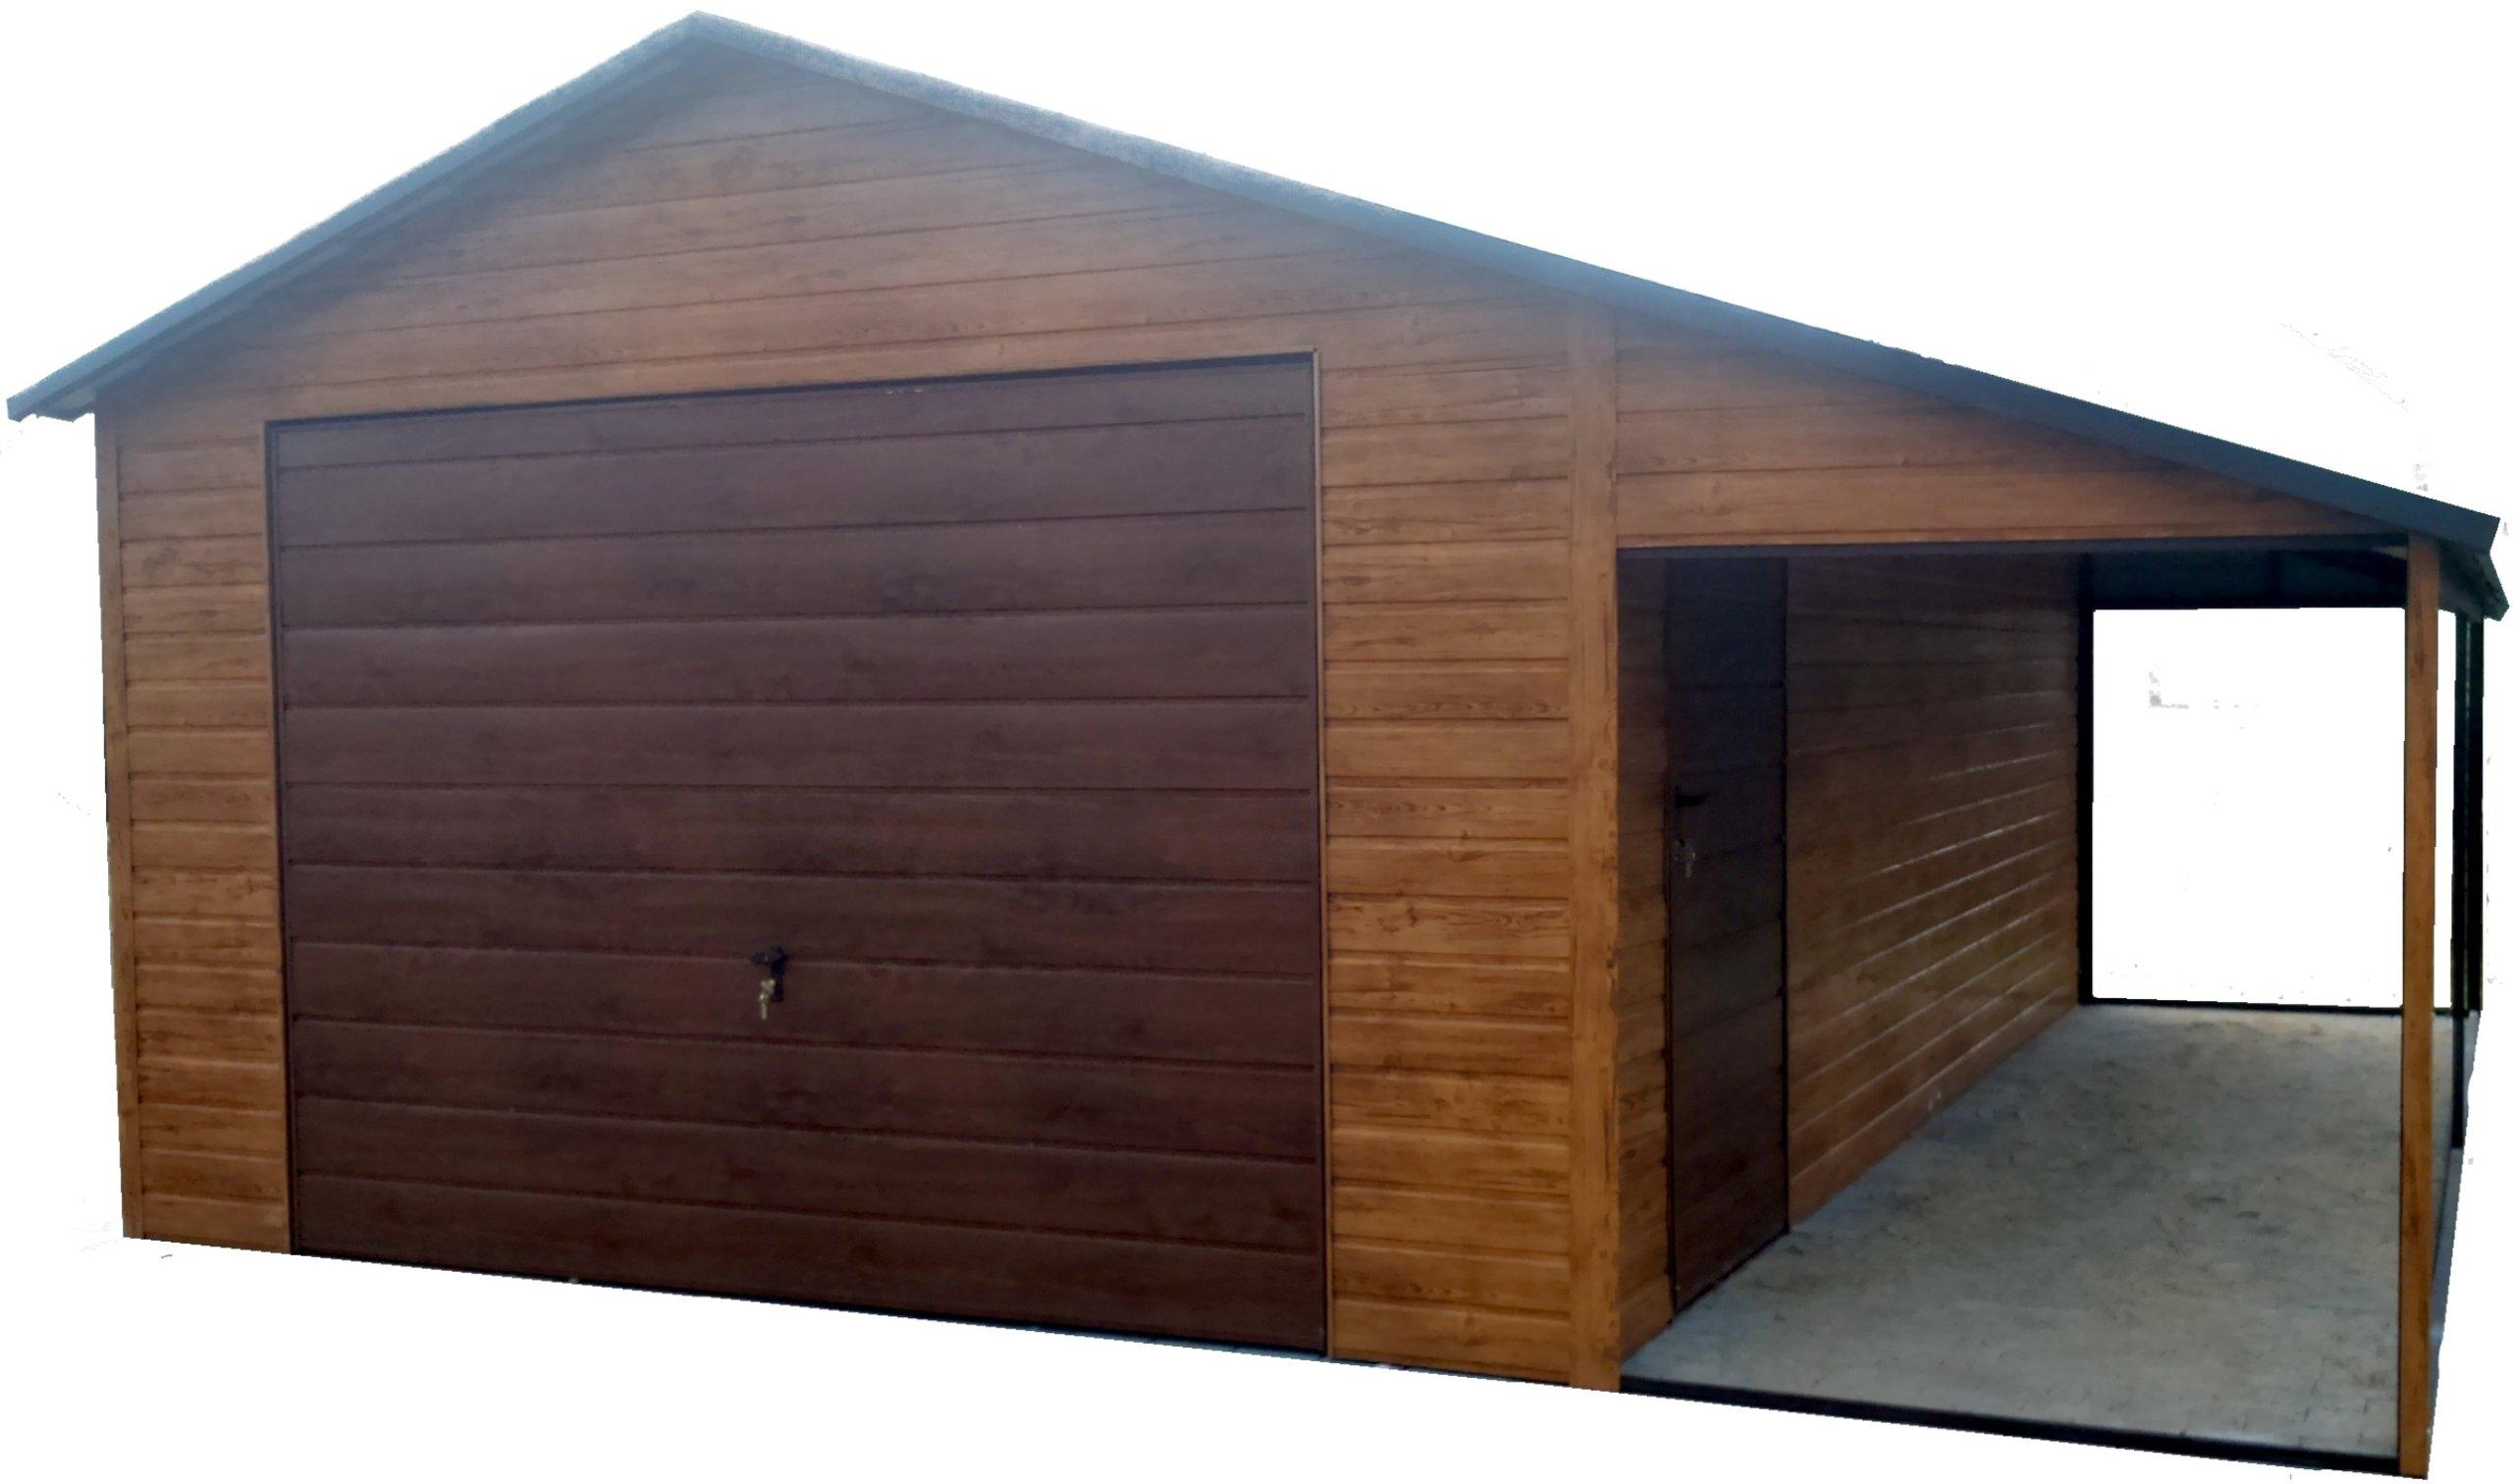 Garaż Blaszany Garaże Blaszane Blaszak 4x6 Cała P 7249990935